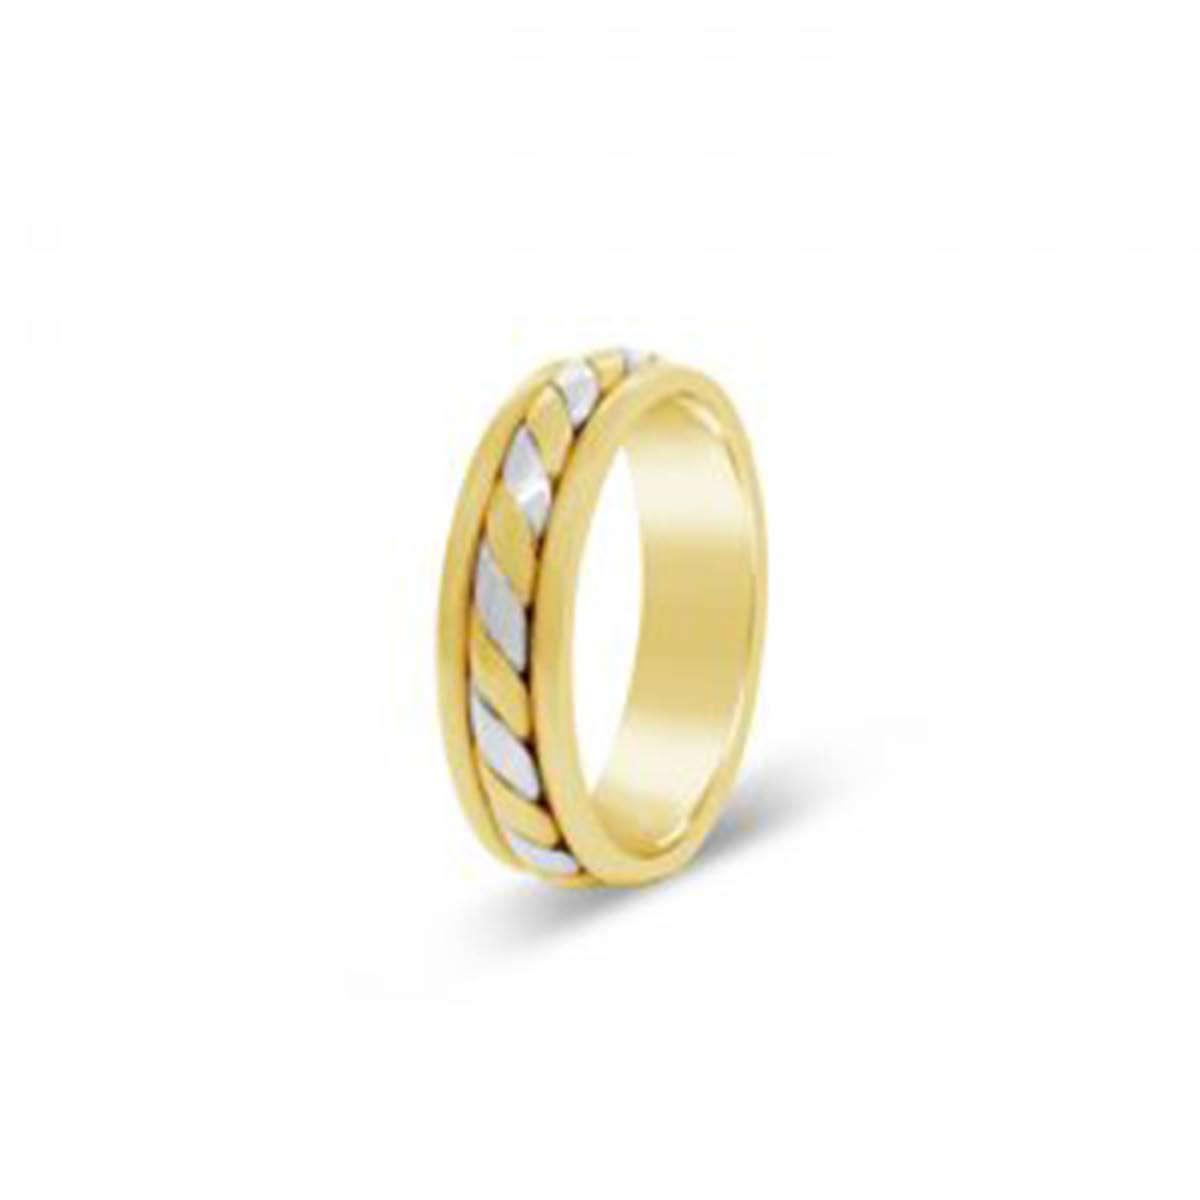 86969efcc6a4 Comprar Anillos de boda en San Bernardo - Ofertas y tiendas - Ofertia